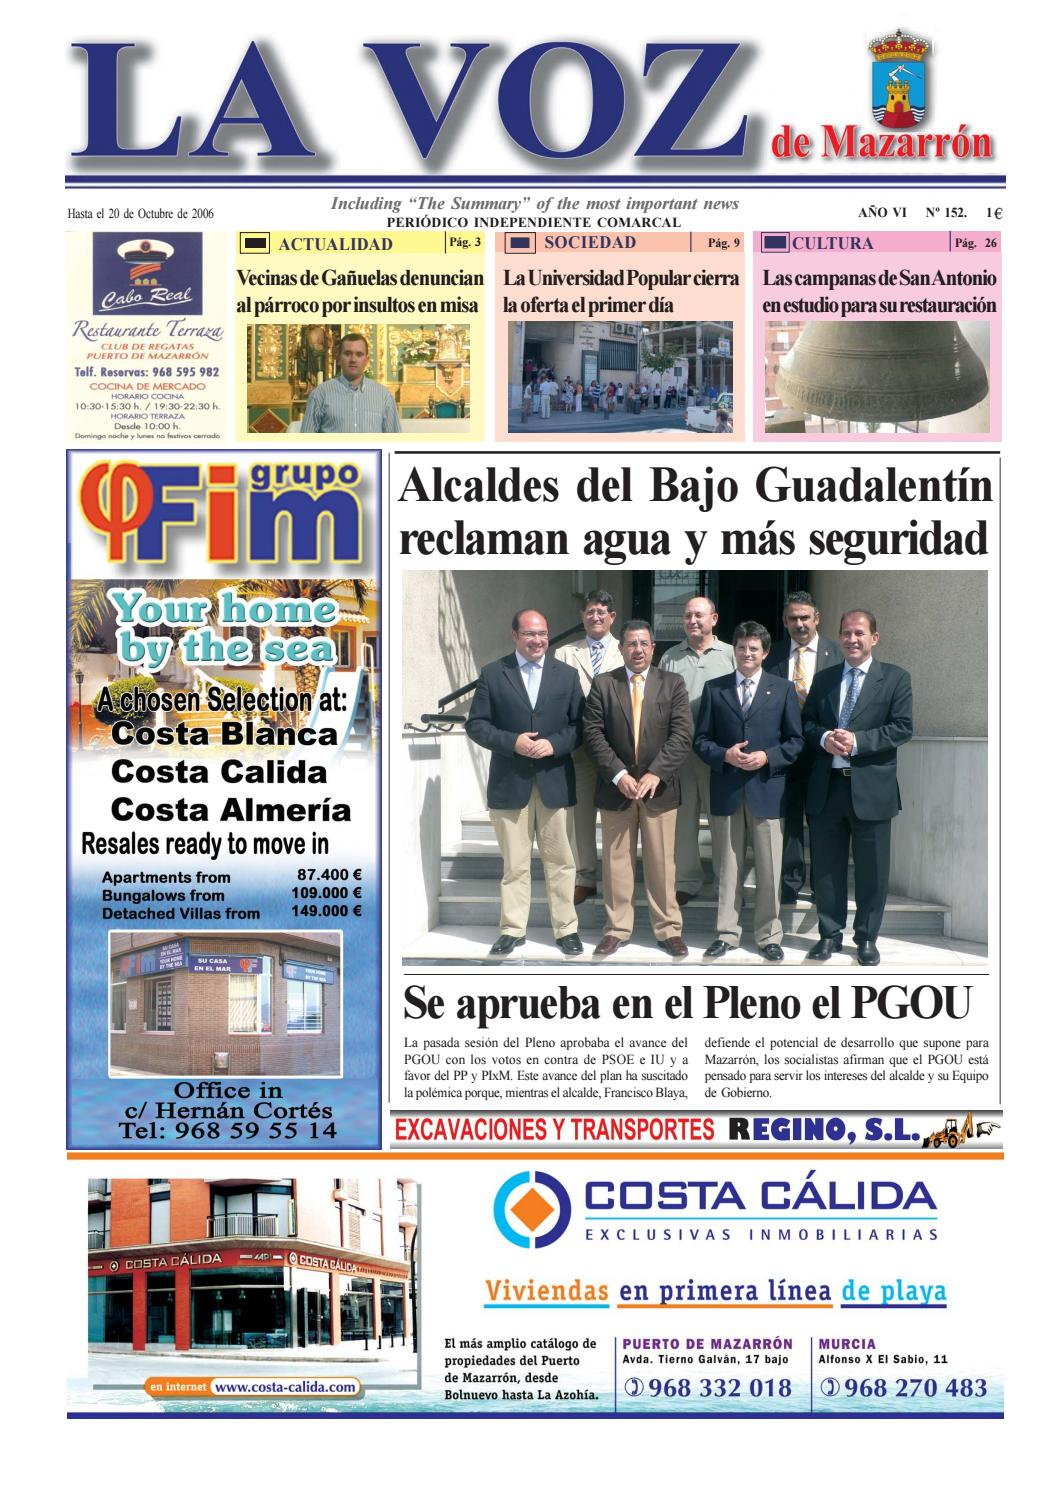 Voz152 by La Voz de Mazarrón (Periódico) - issuu 16308a179dd